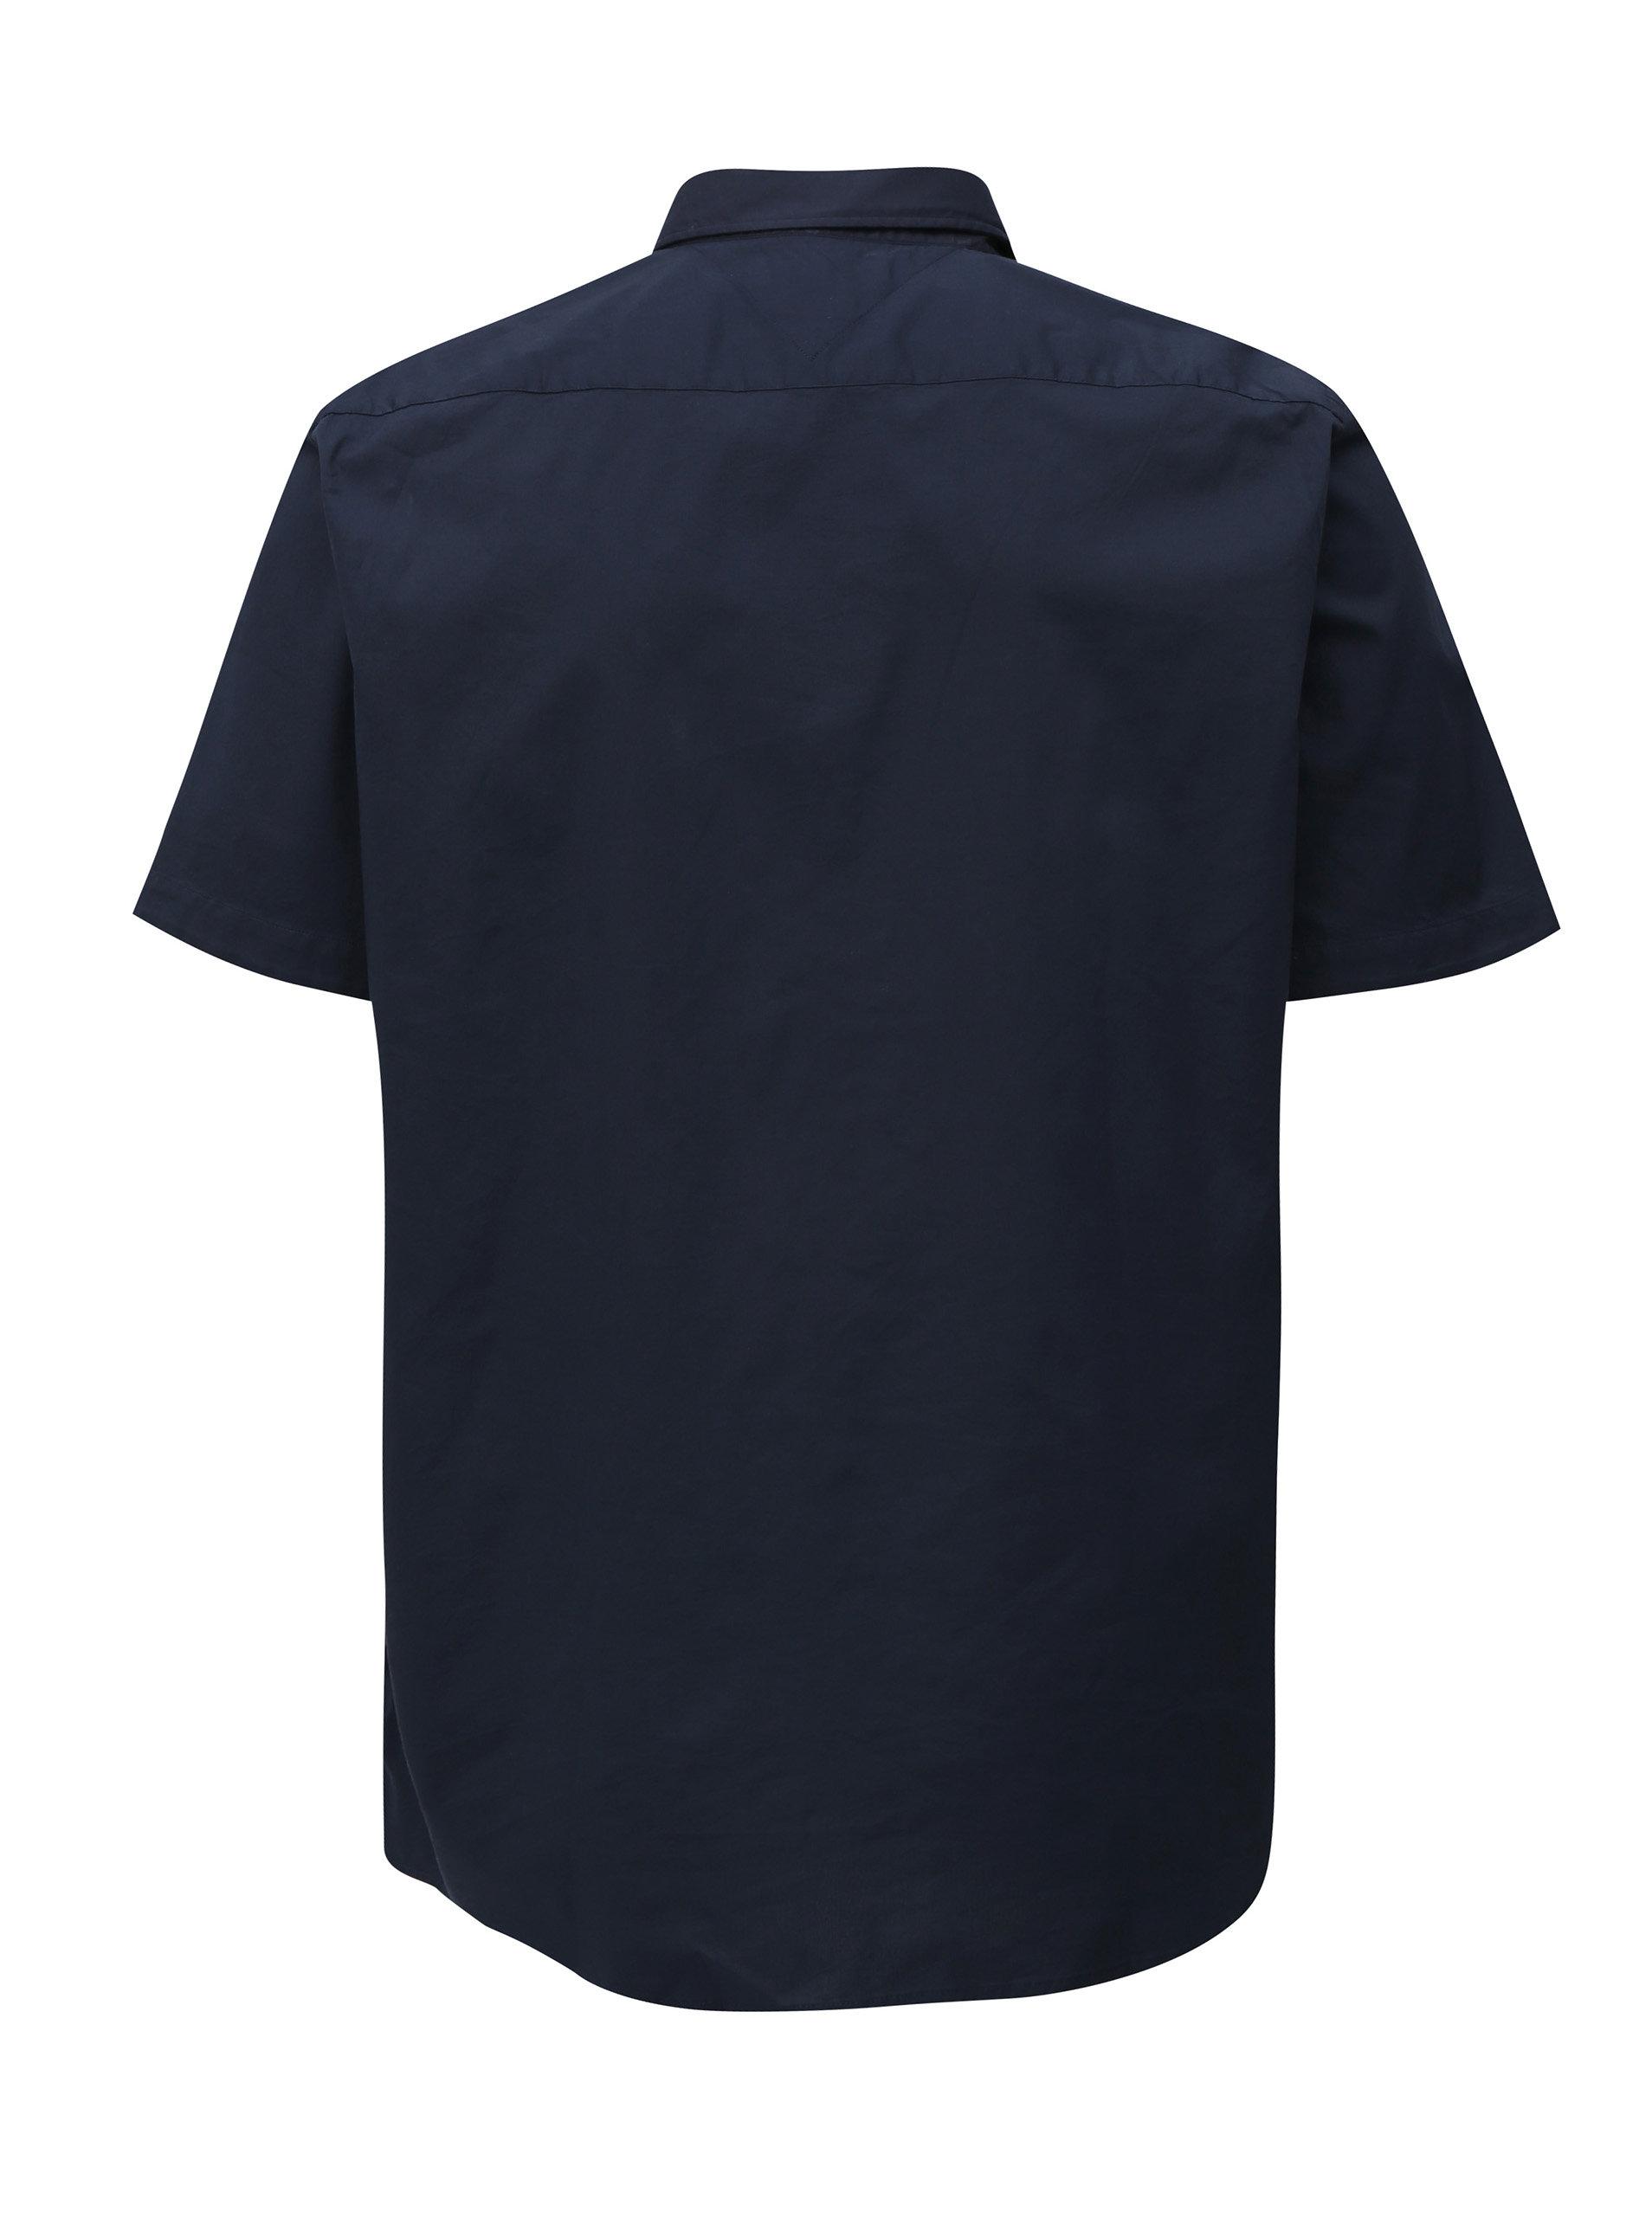 Tmavě modrá pánská košile s krátkým rukávem Tommy Hilfiger ... c333dd78b0